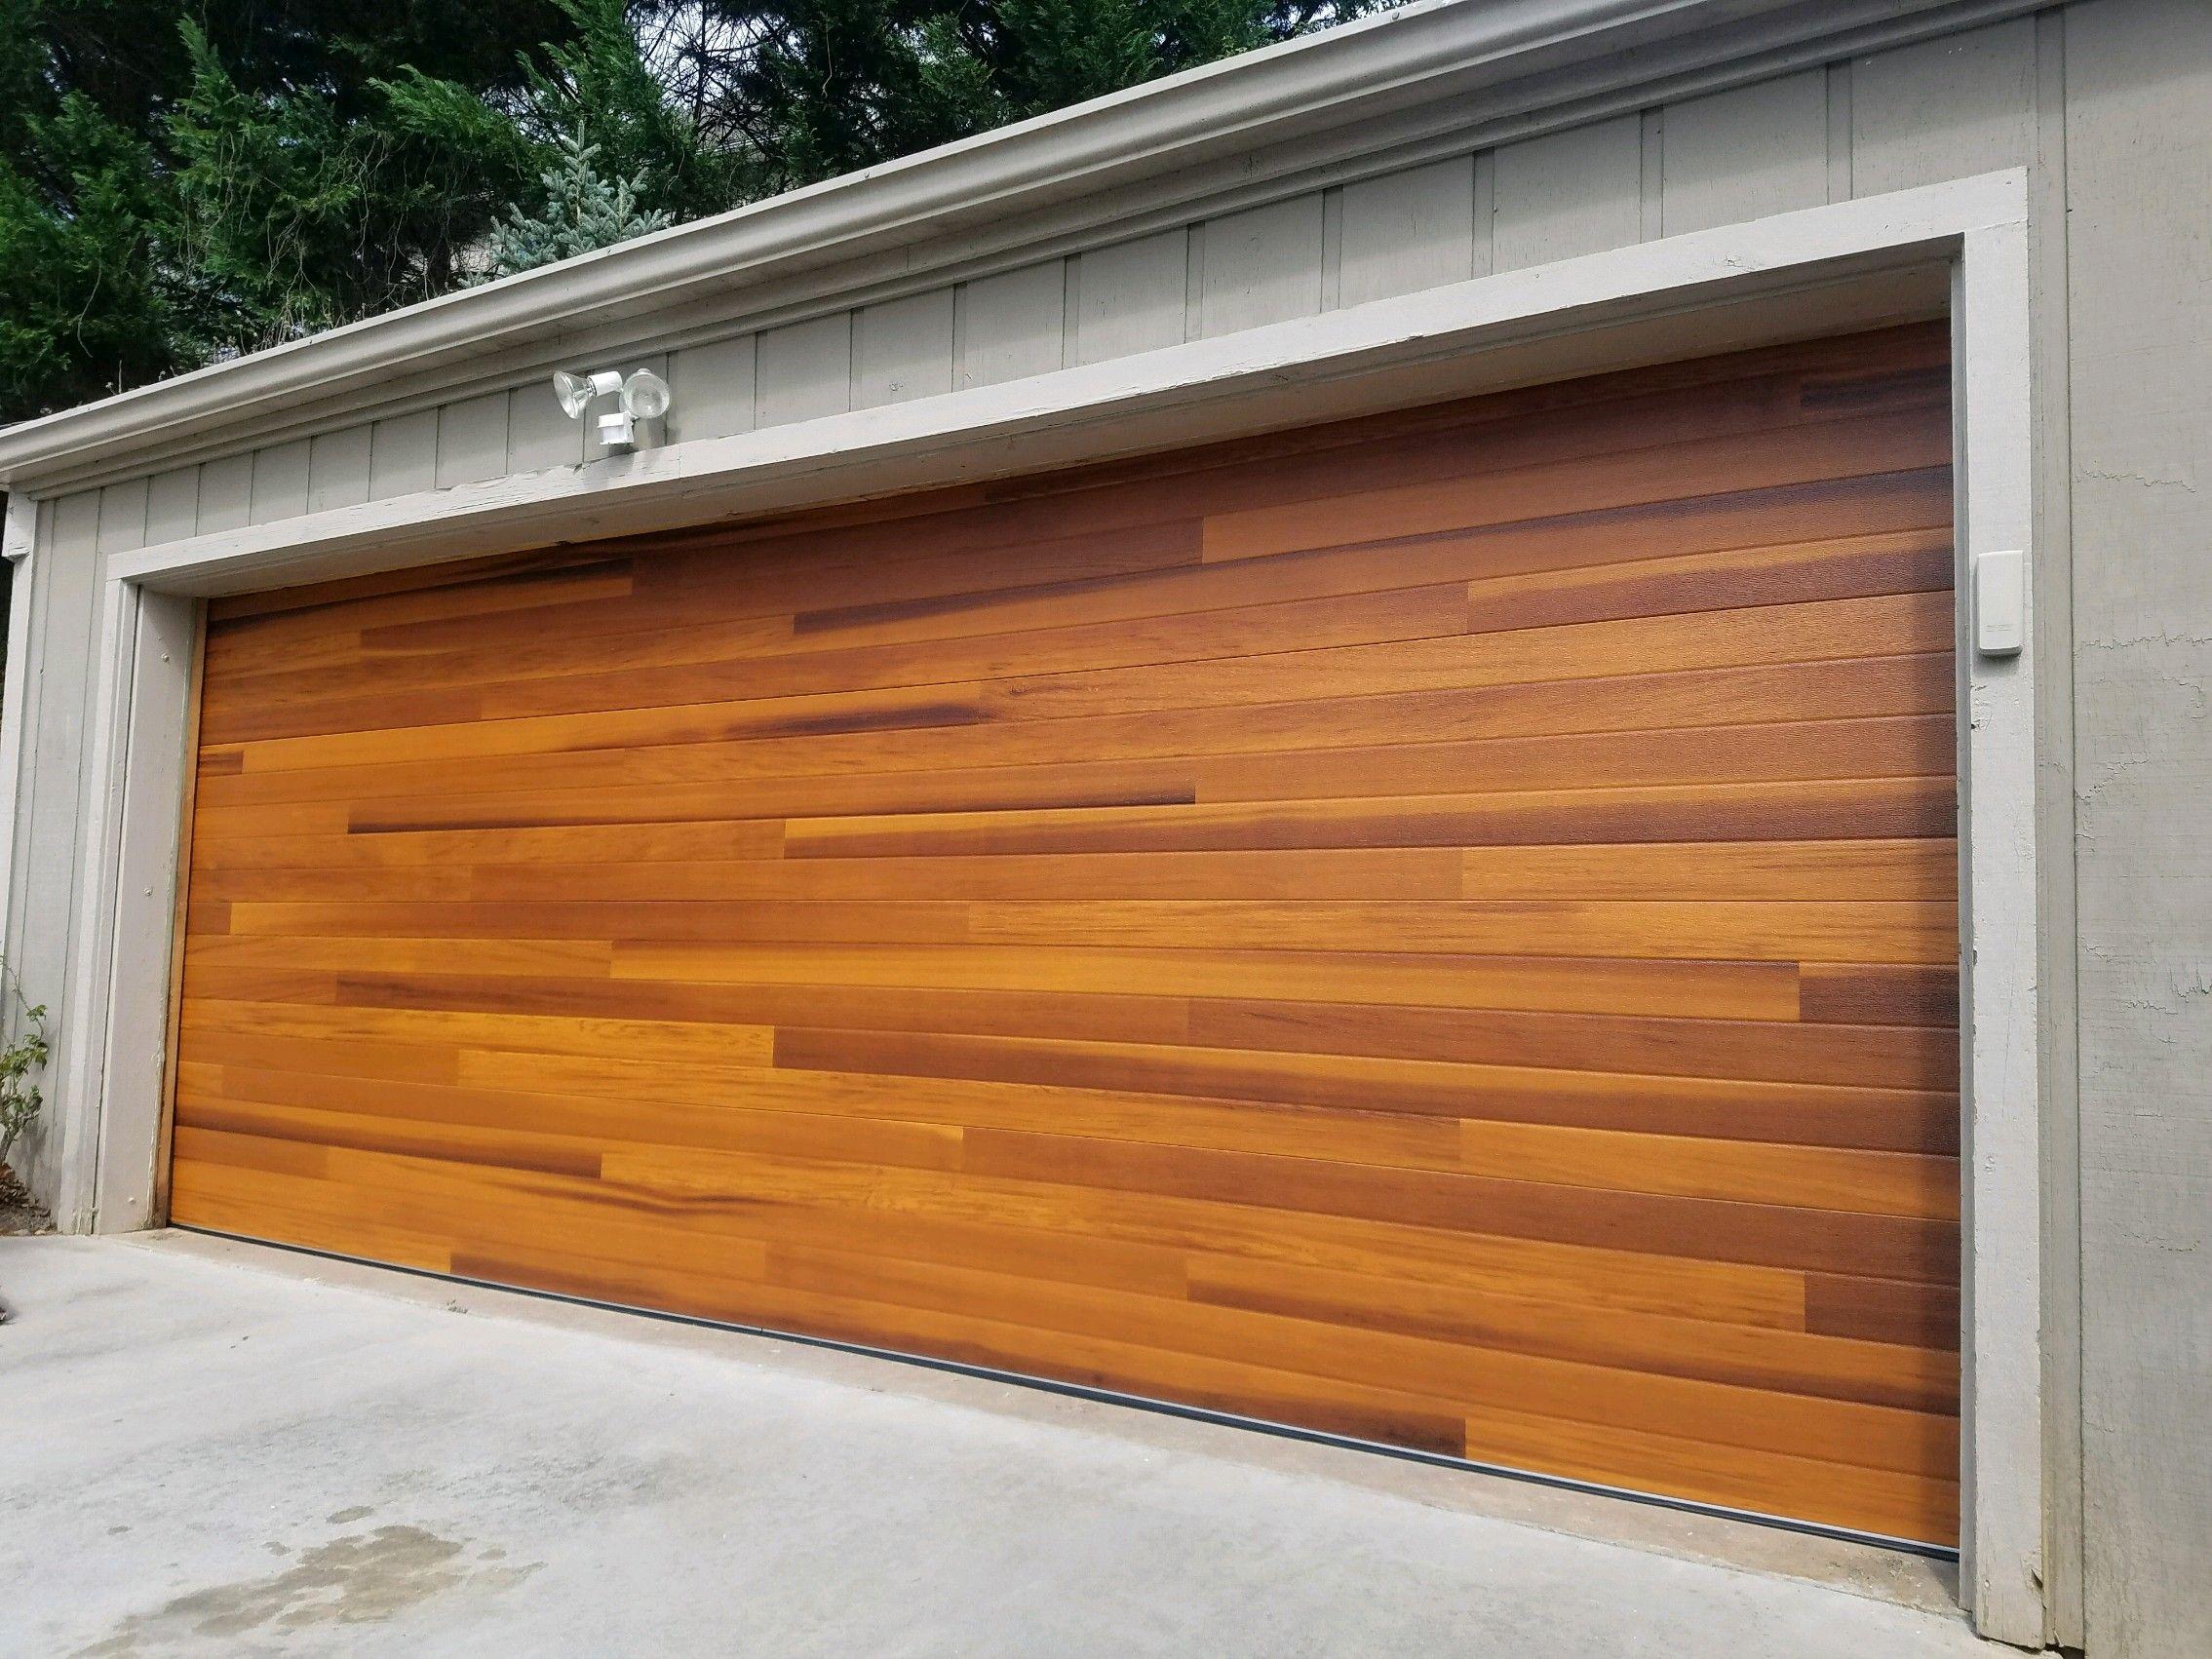 Garage Door Projects Designs Ideas Glass Wood Modern In 2020 Garage Doors Faux Wood Garage Door Wood Garage Doors